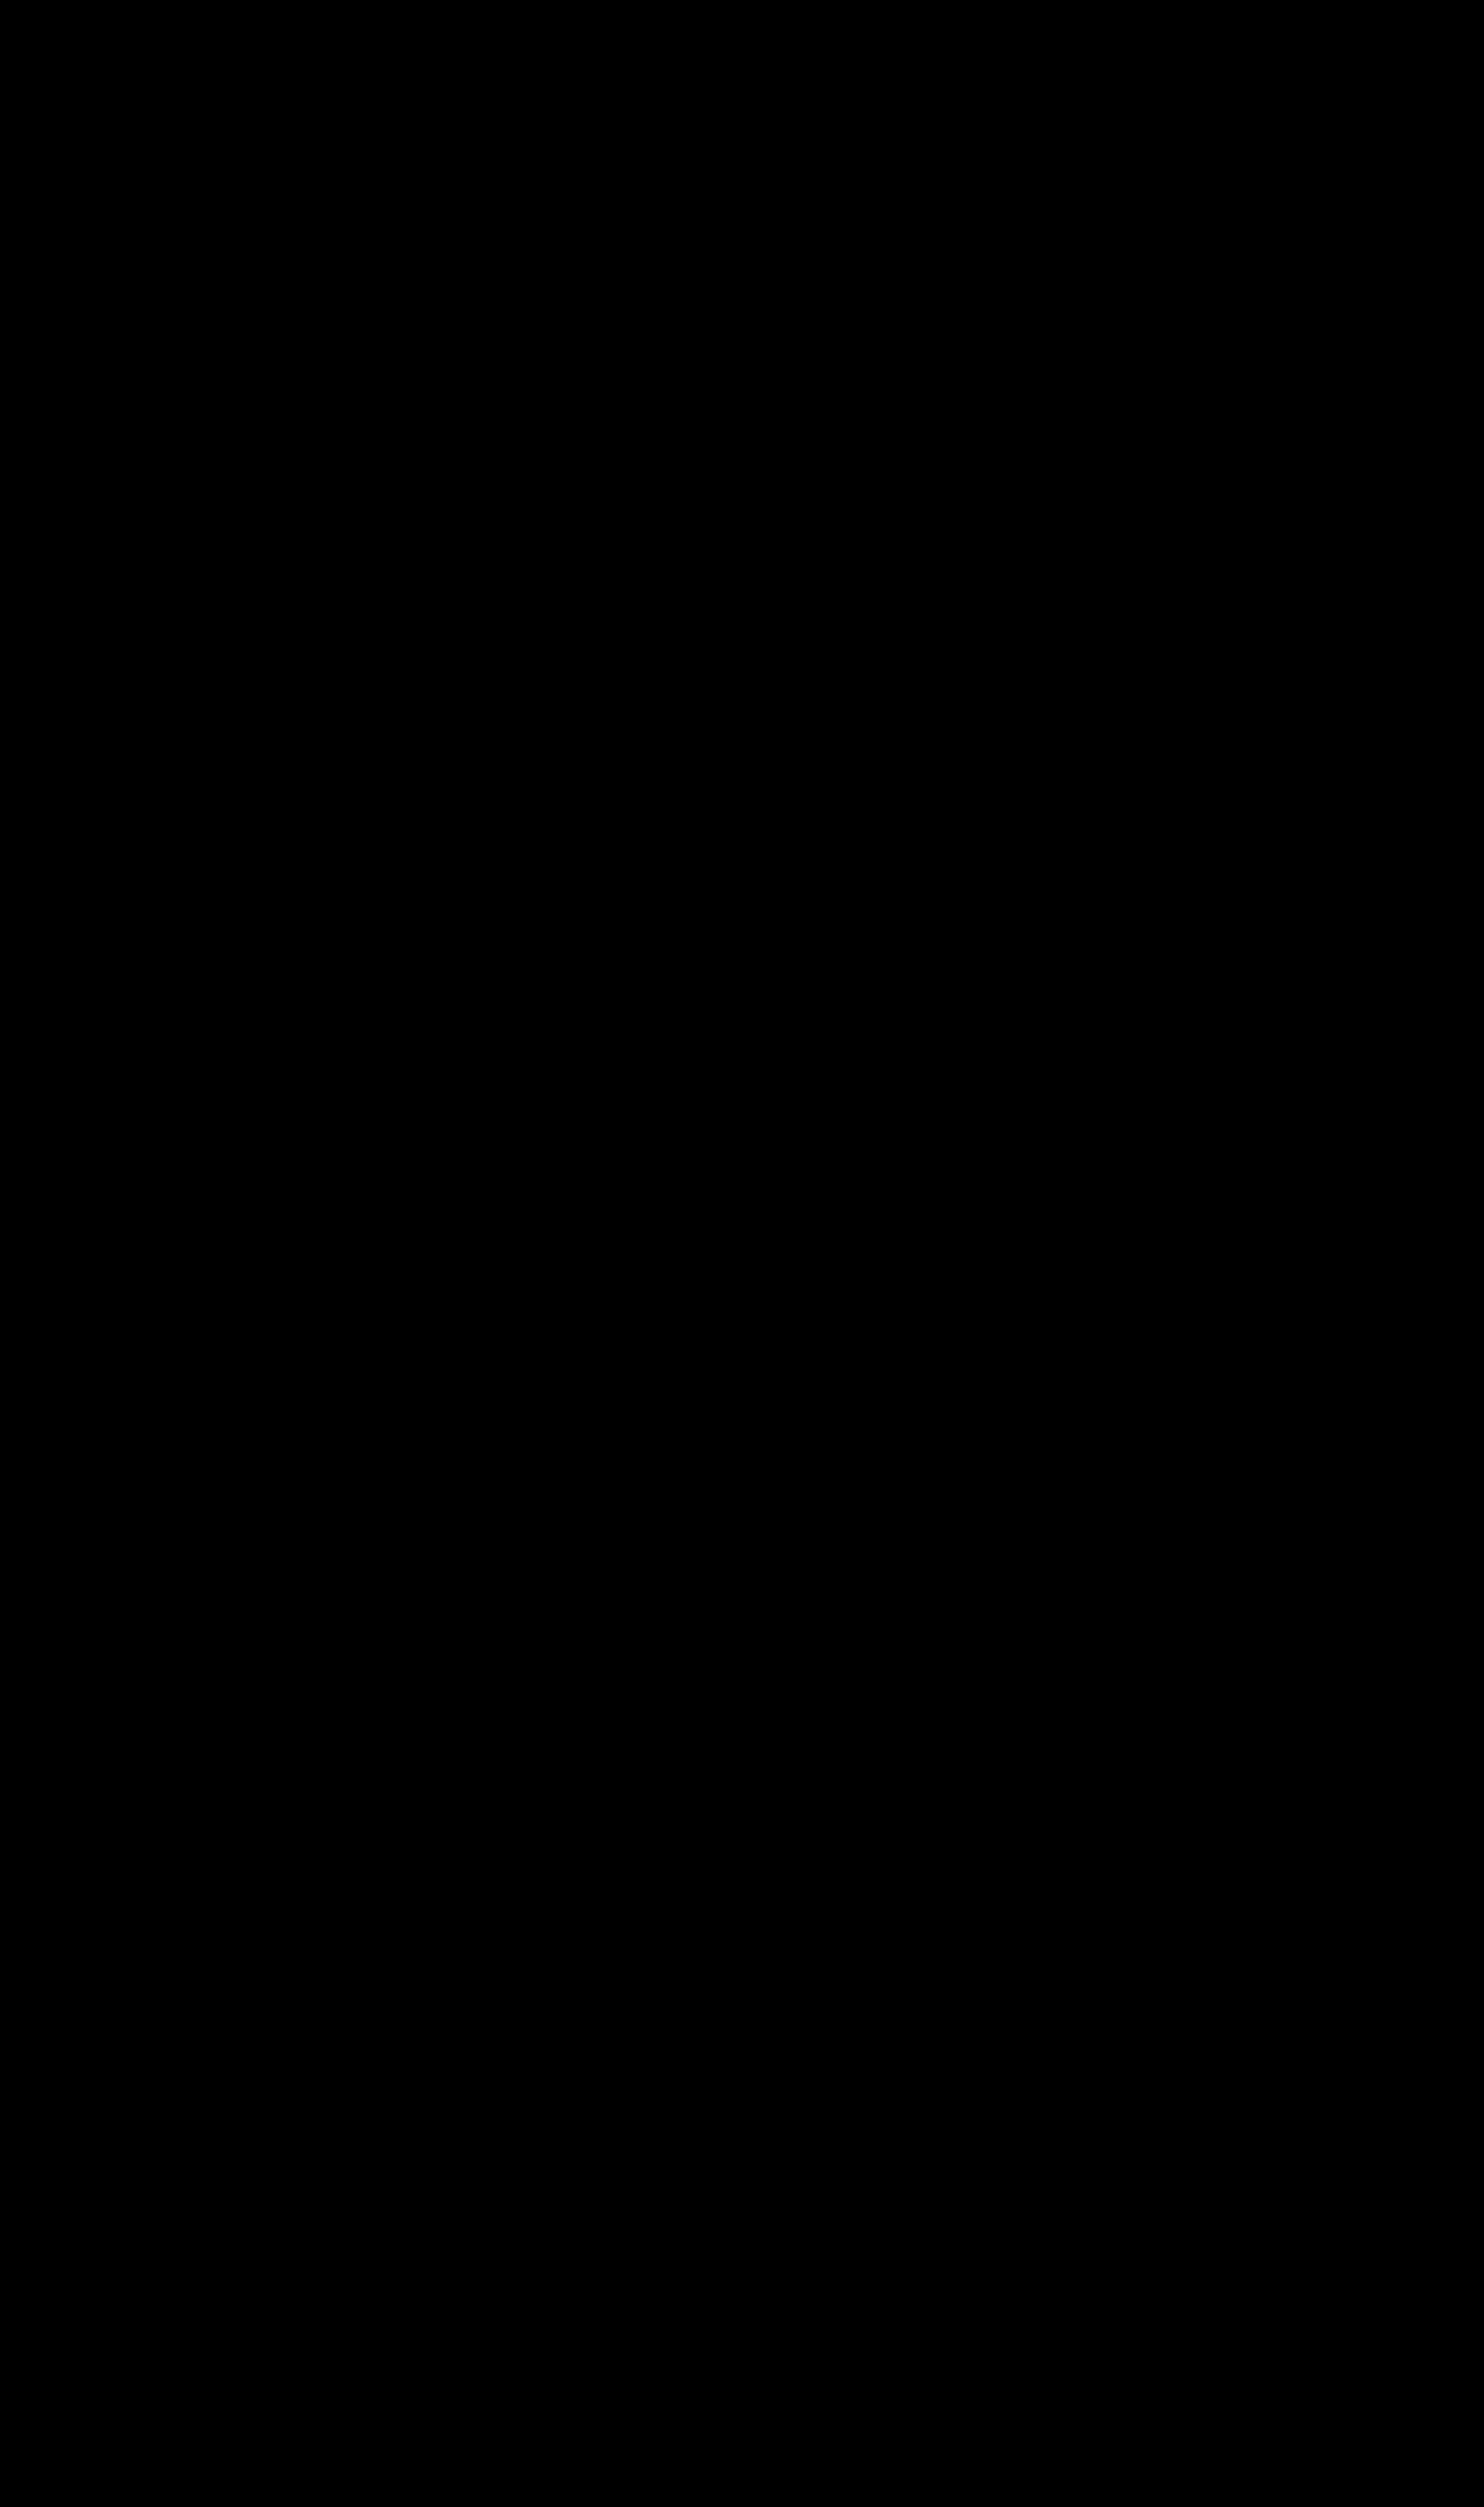 Filegisors 1847 palais du luxembourg pl18 petit luxembourg sous le consulat et l